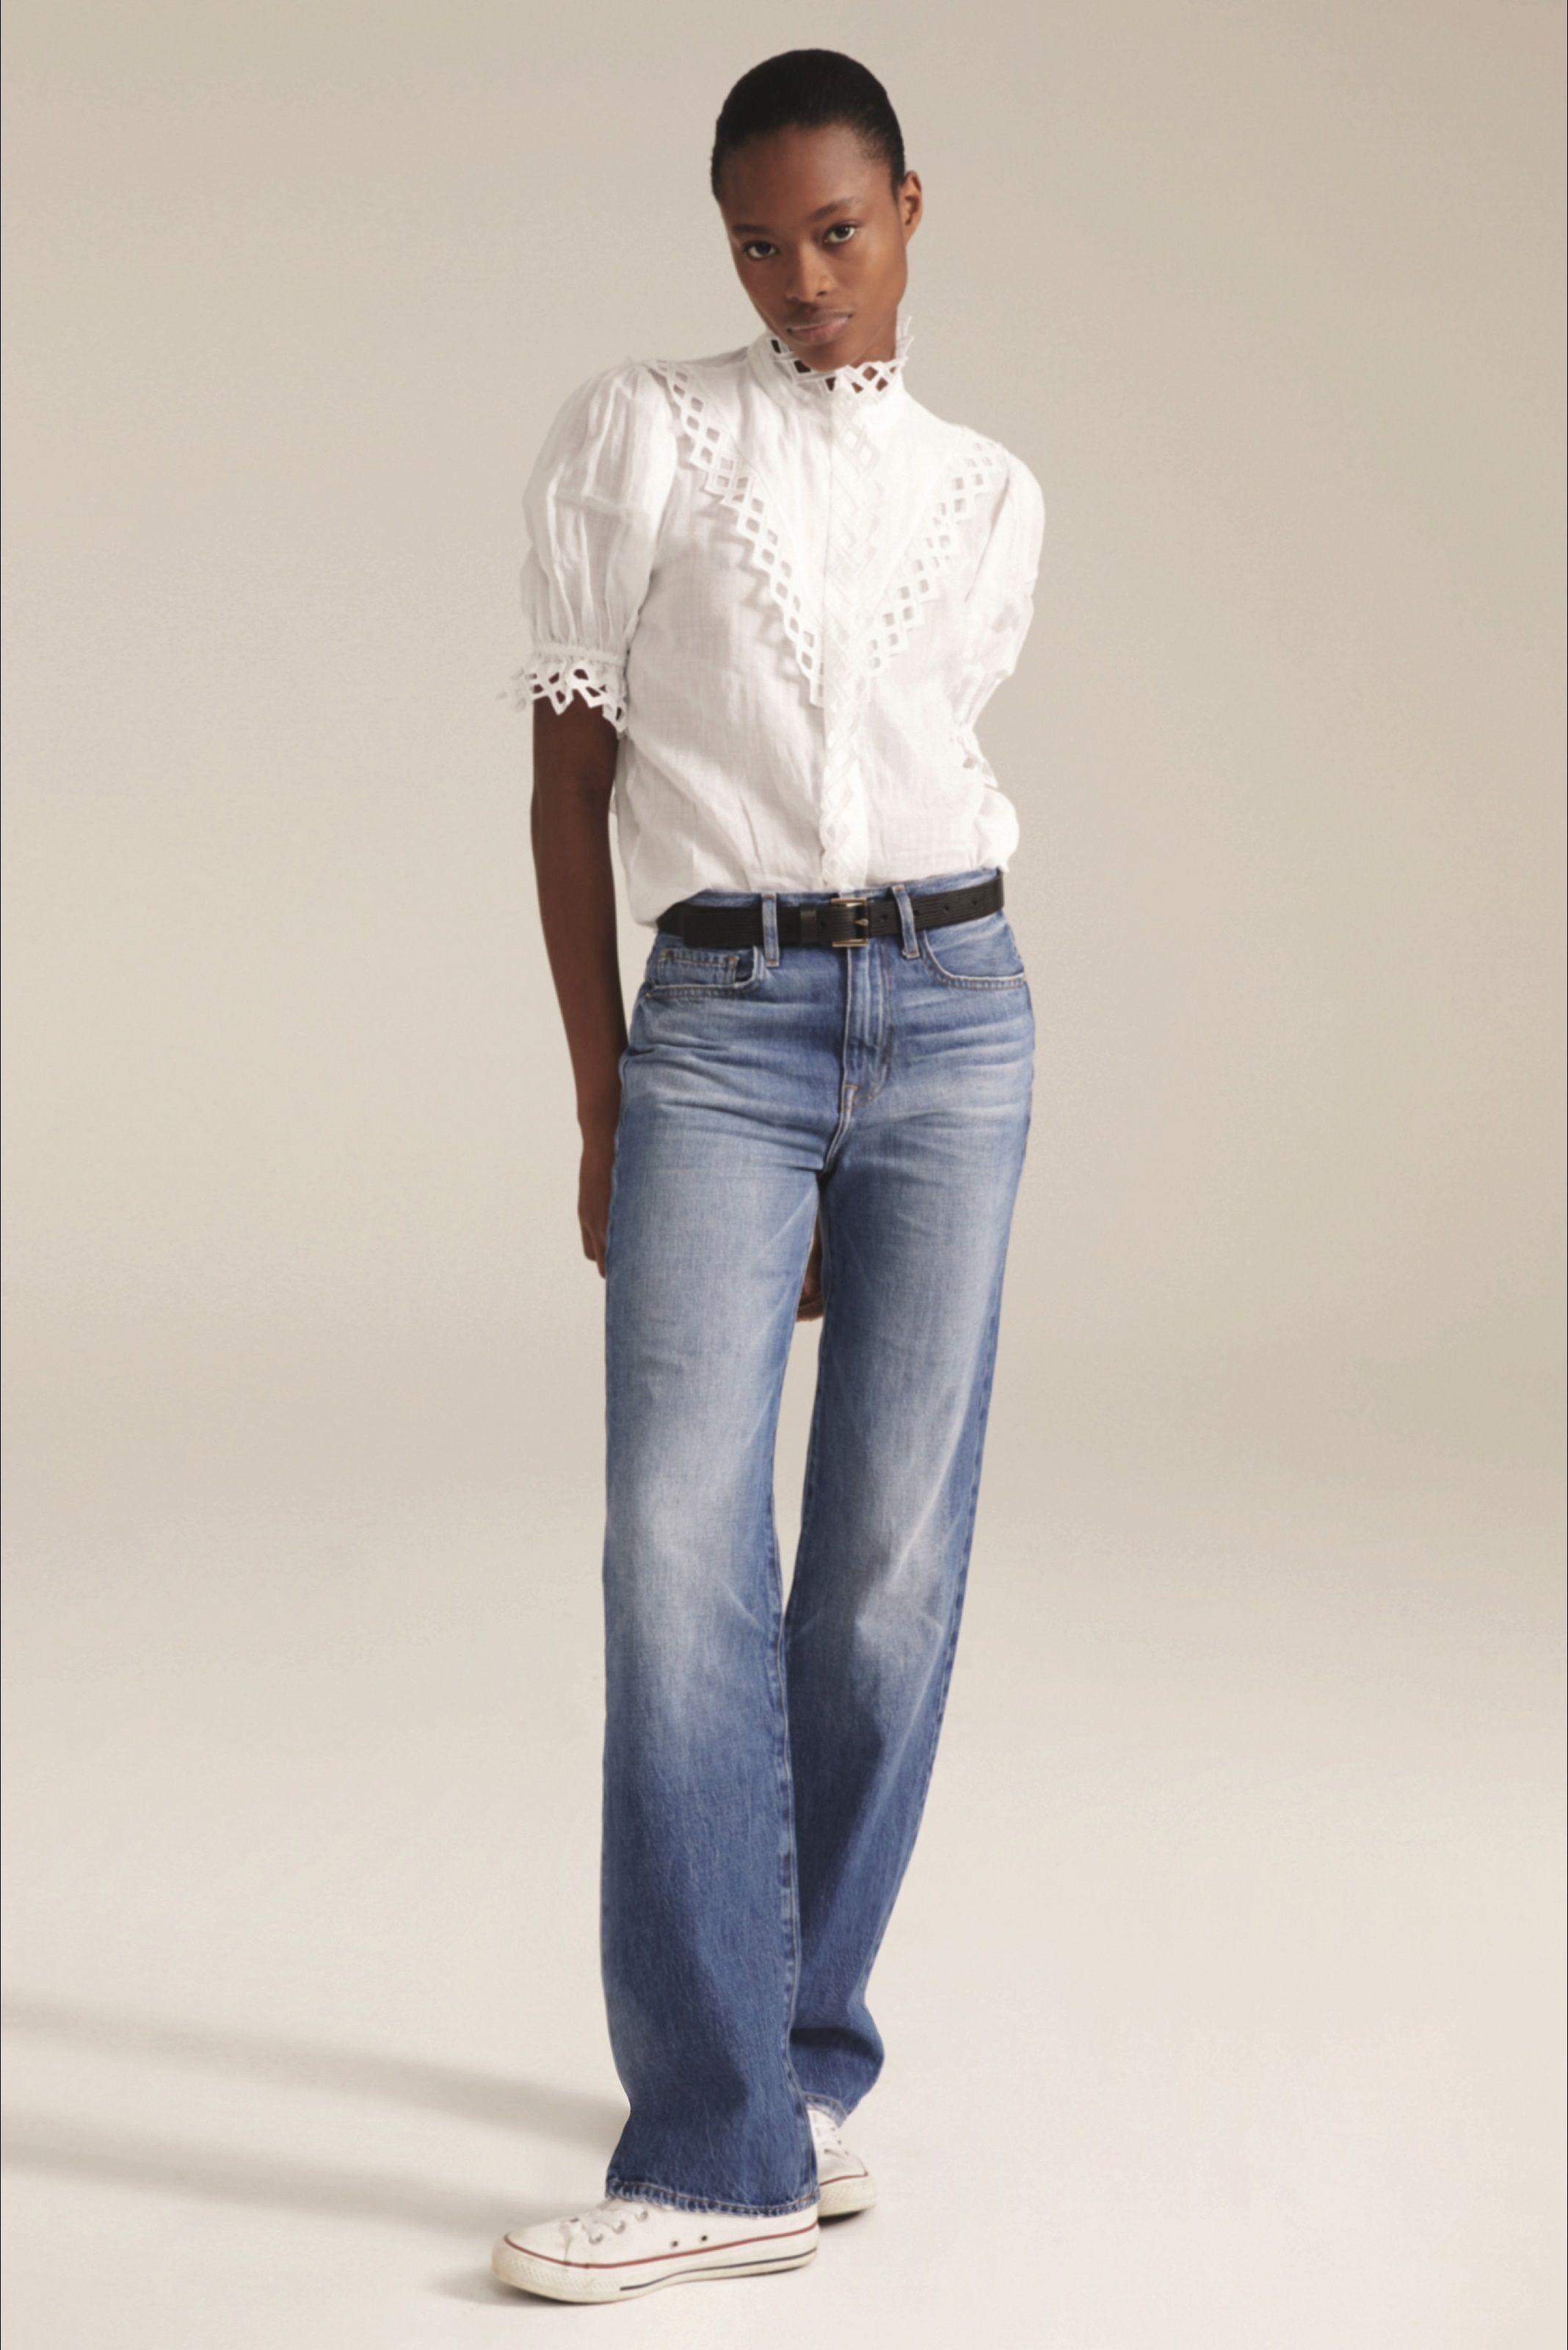 34+ Moda jeans autunno inverno 2020 ideas